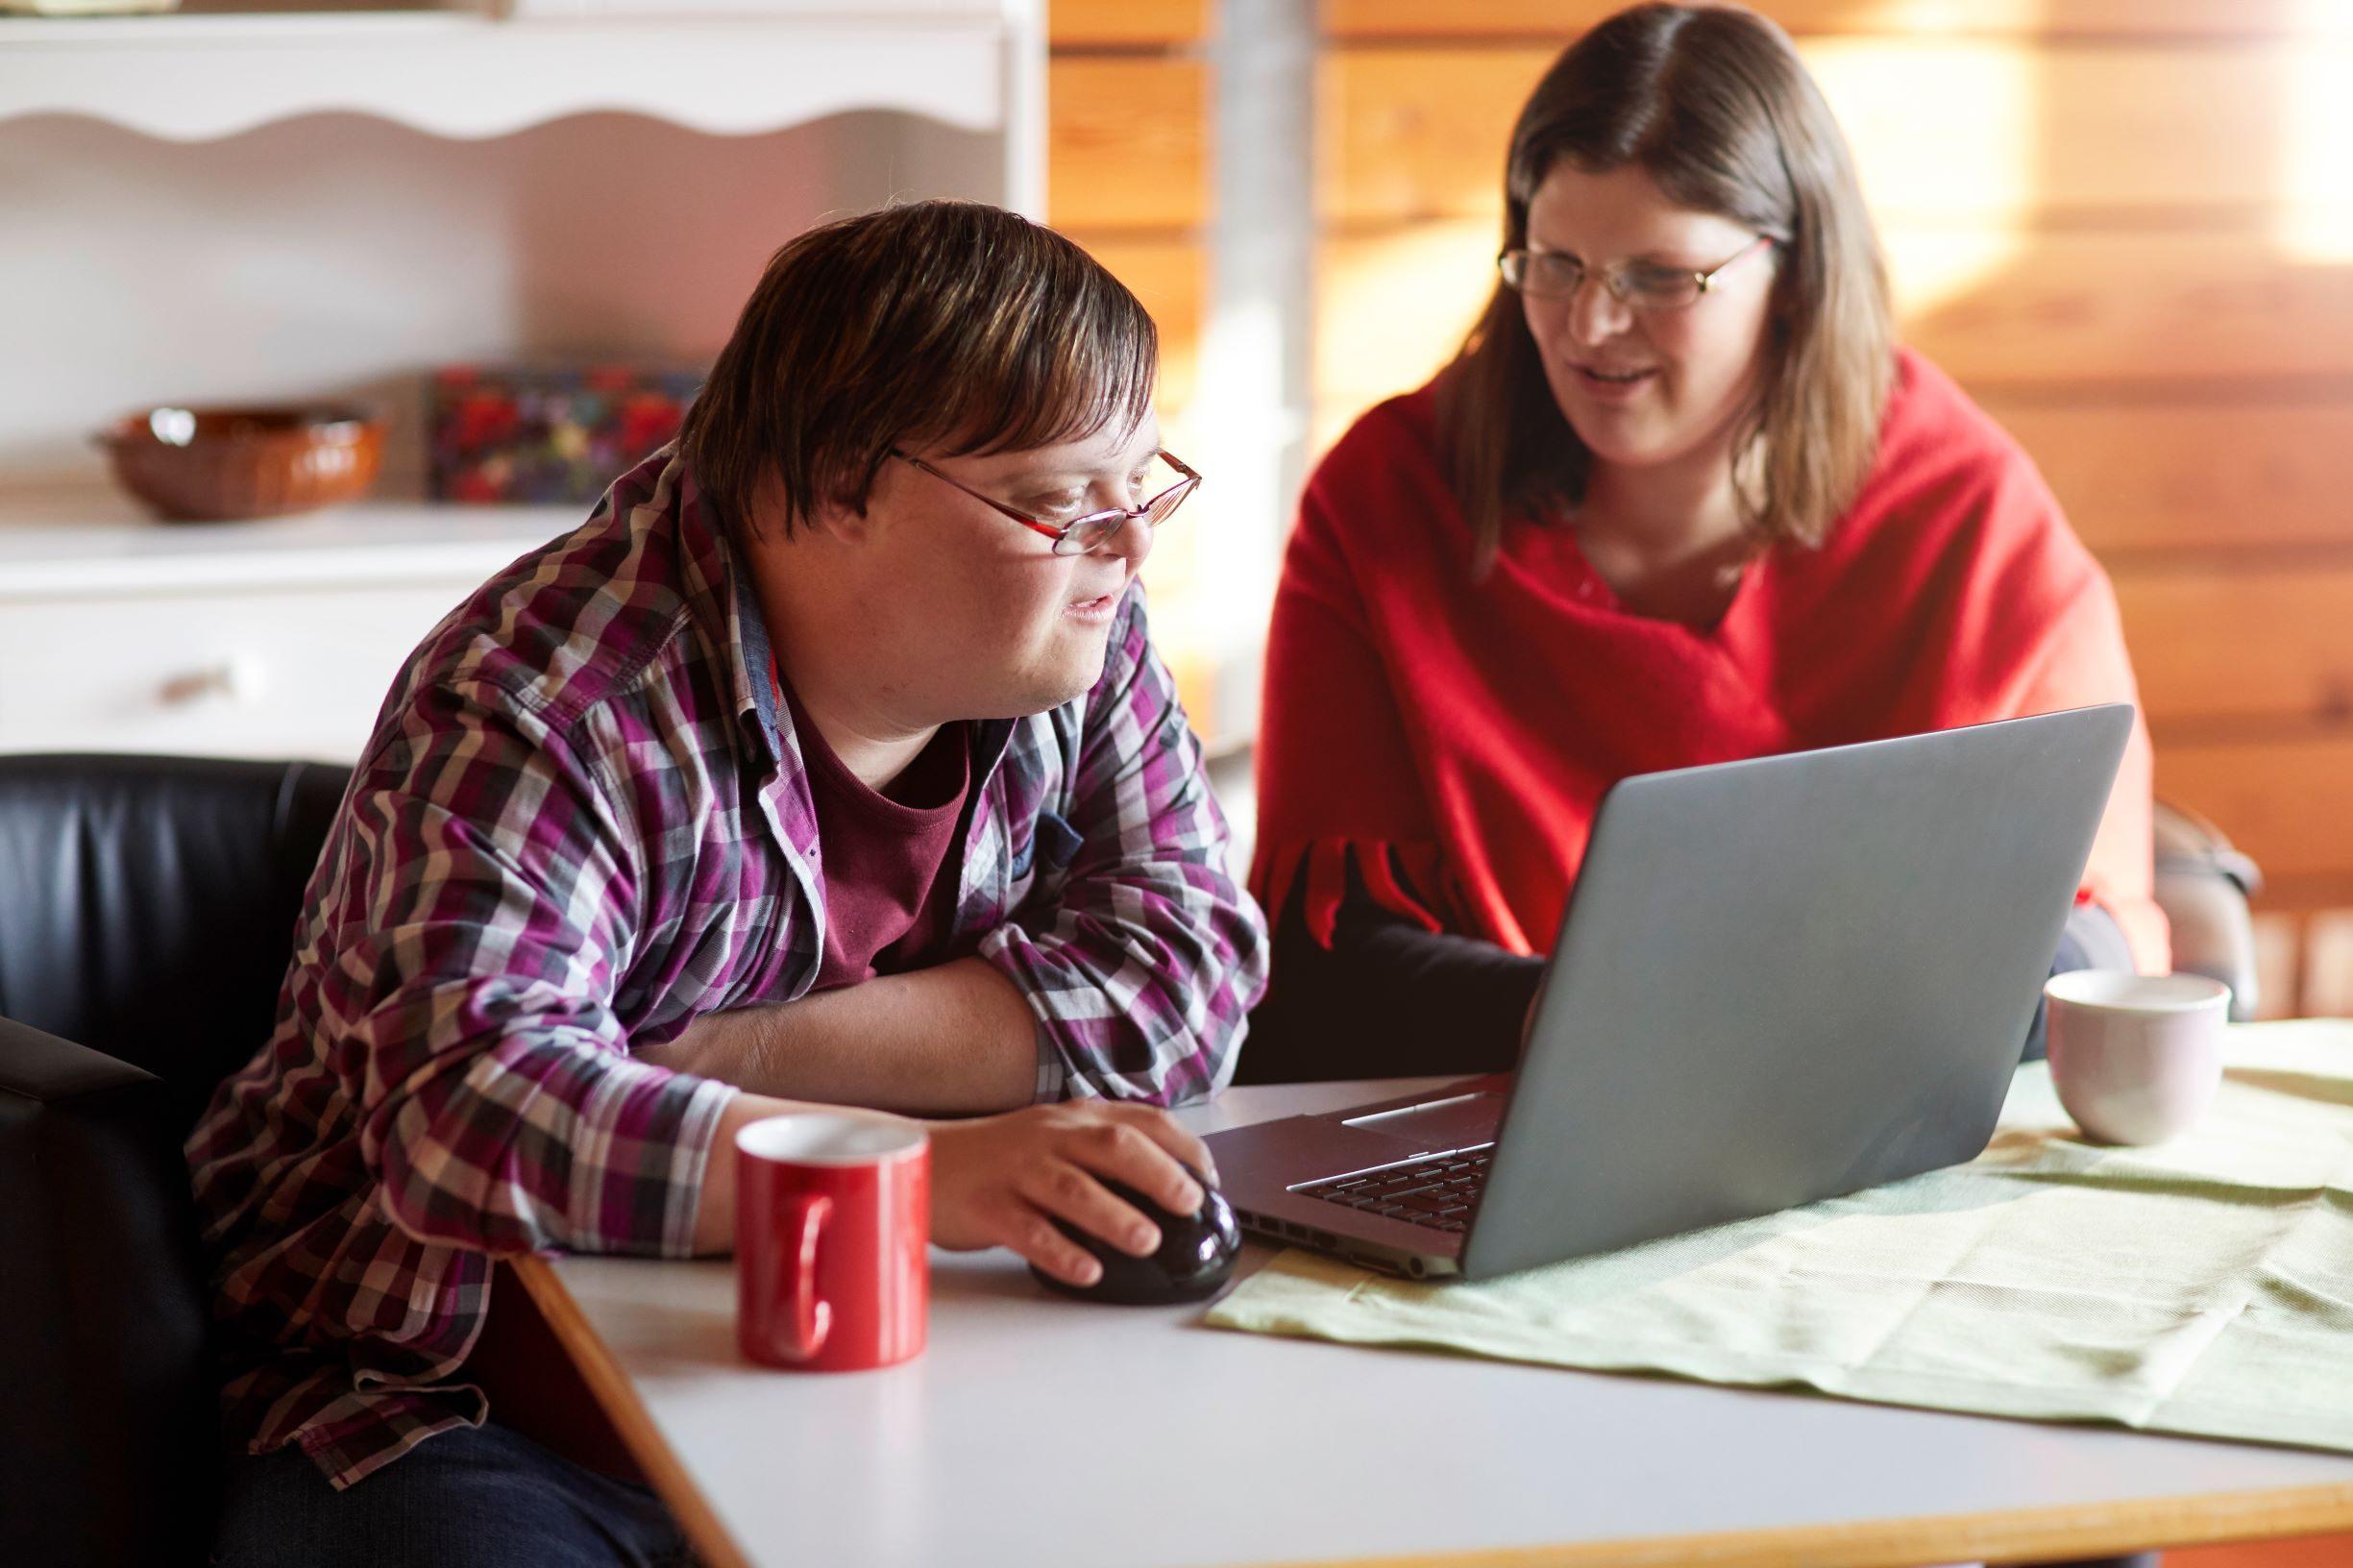 Foto: Mann sitzt an Tisch vor einem geöffneten Laptop, neben ihm sitzt eine Frau